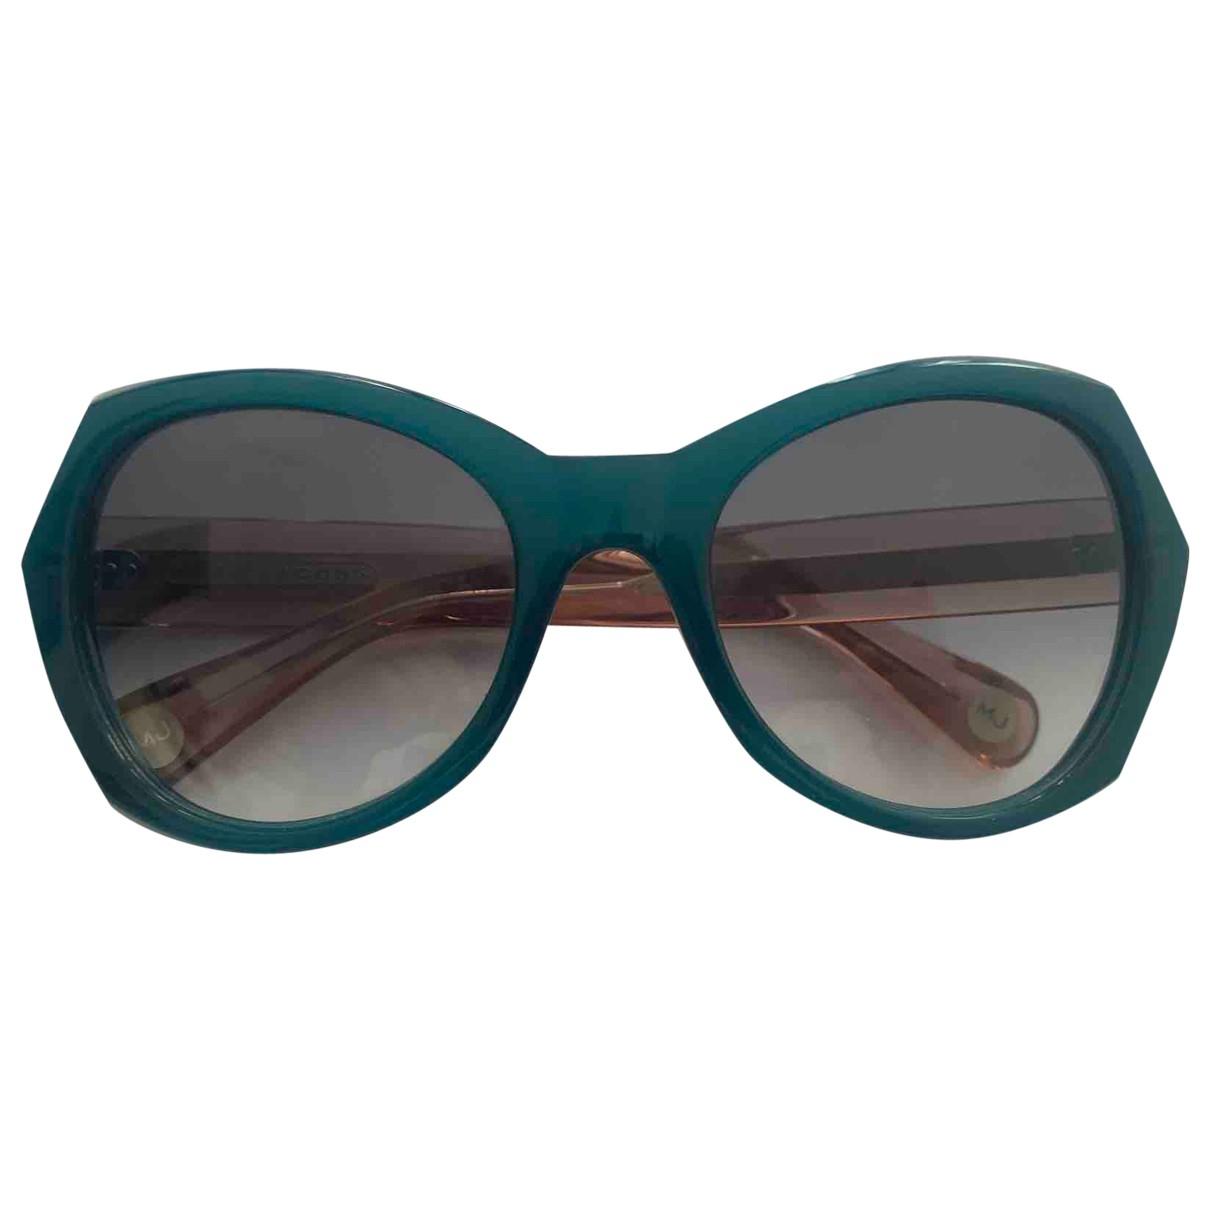 Marc Jacobs - Lunettes   pour femme - vert